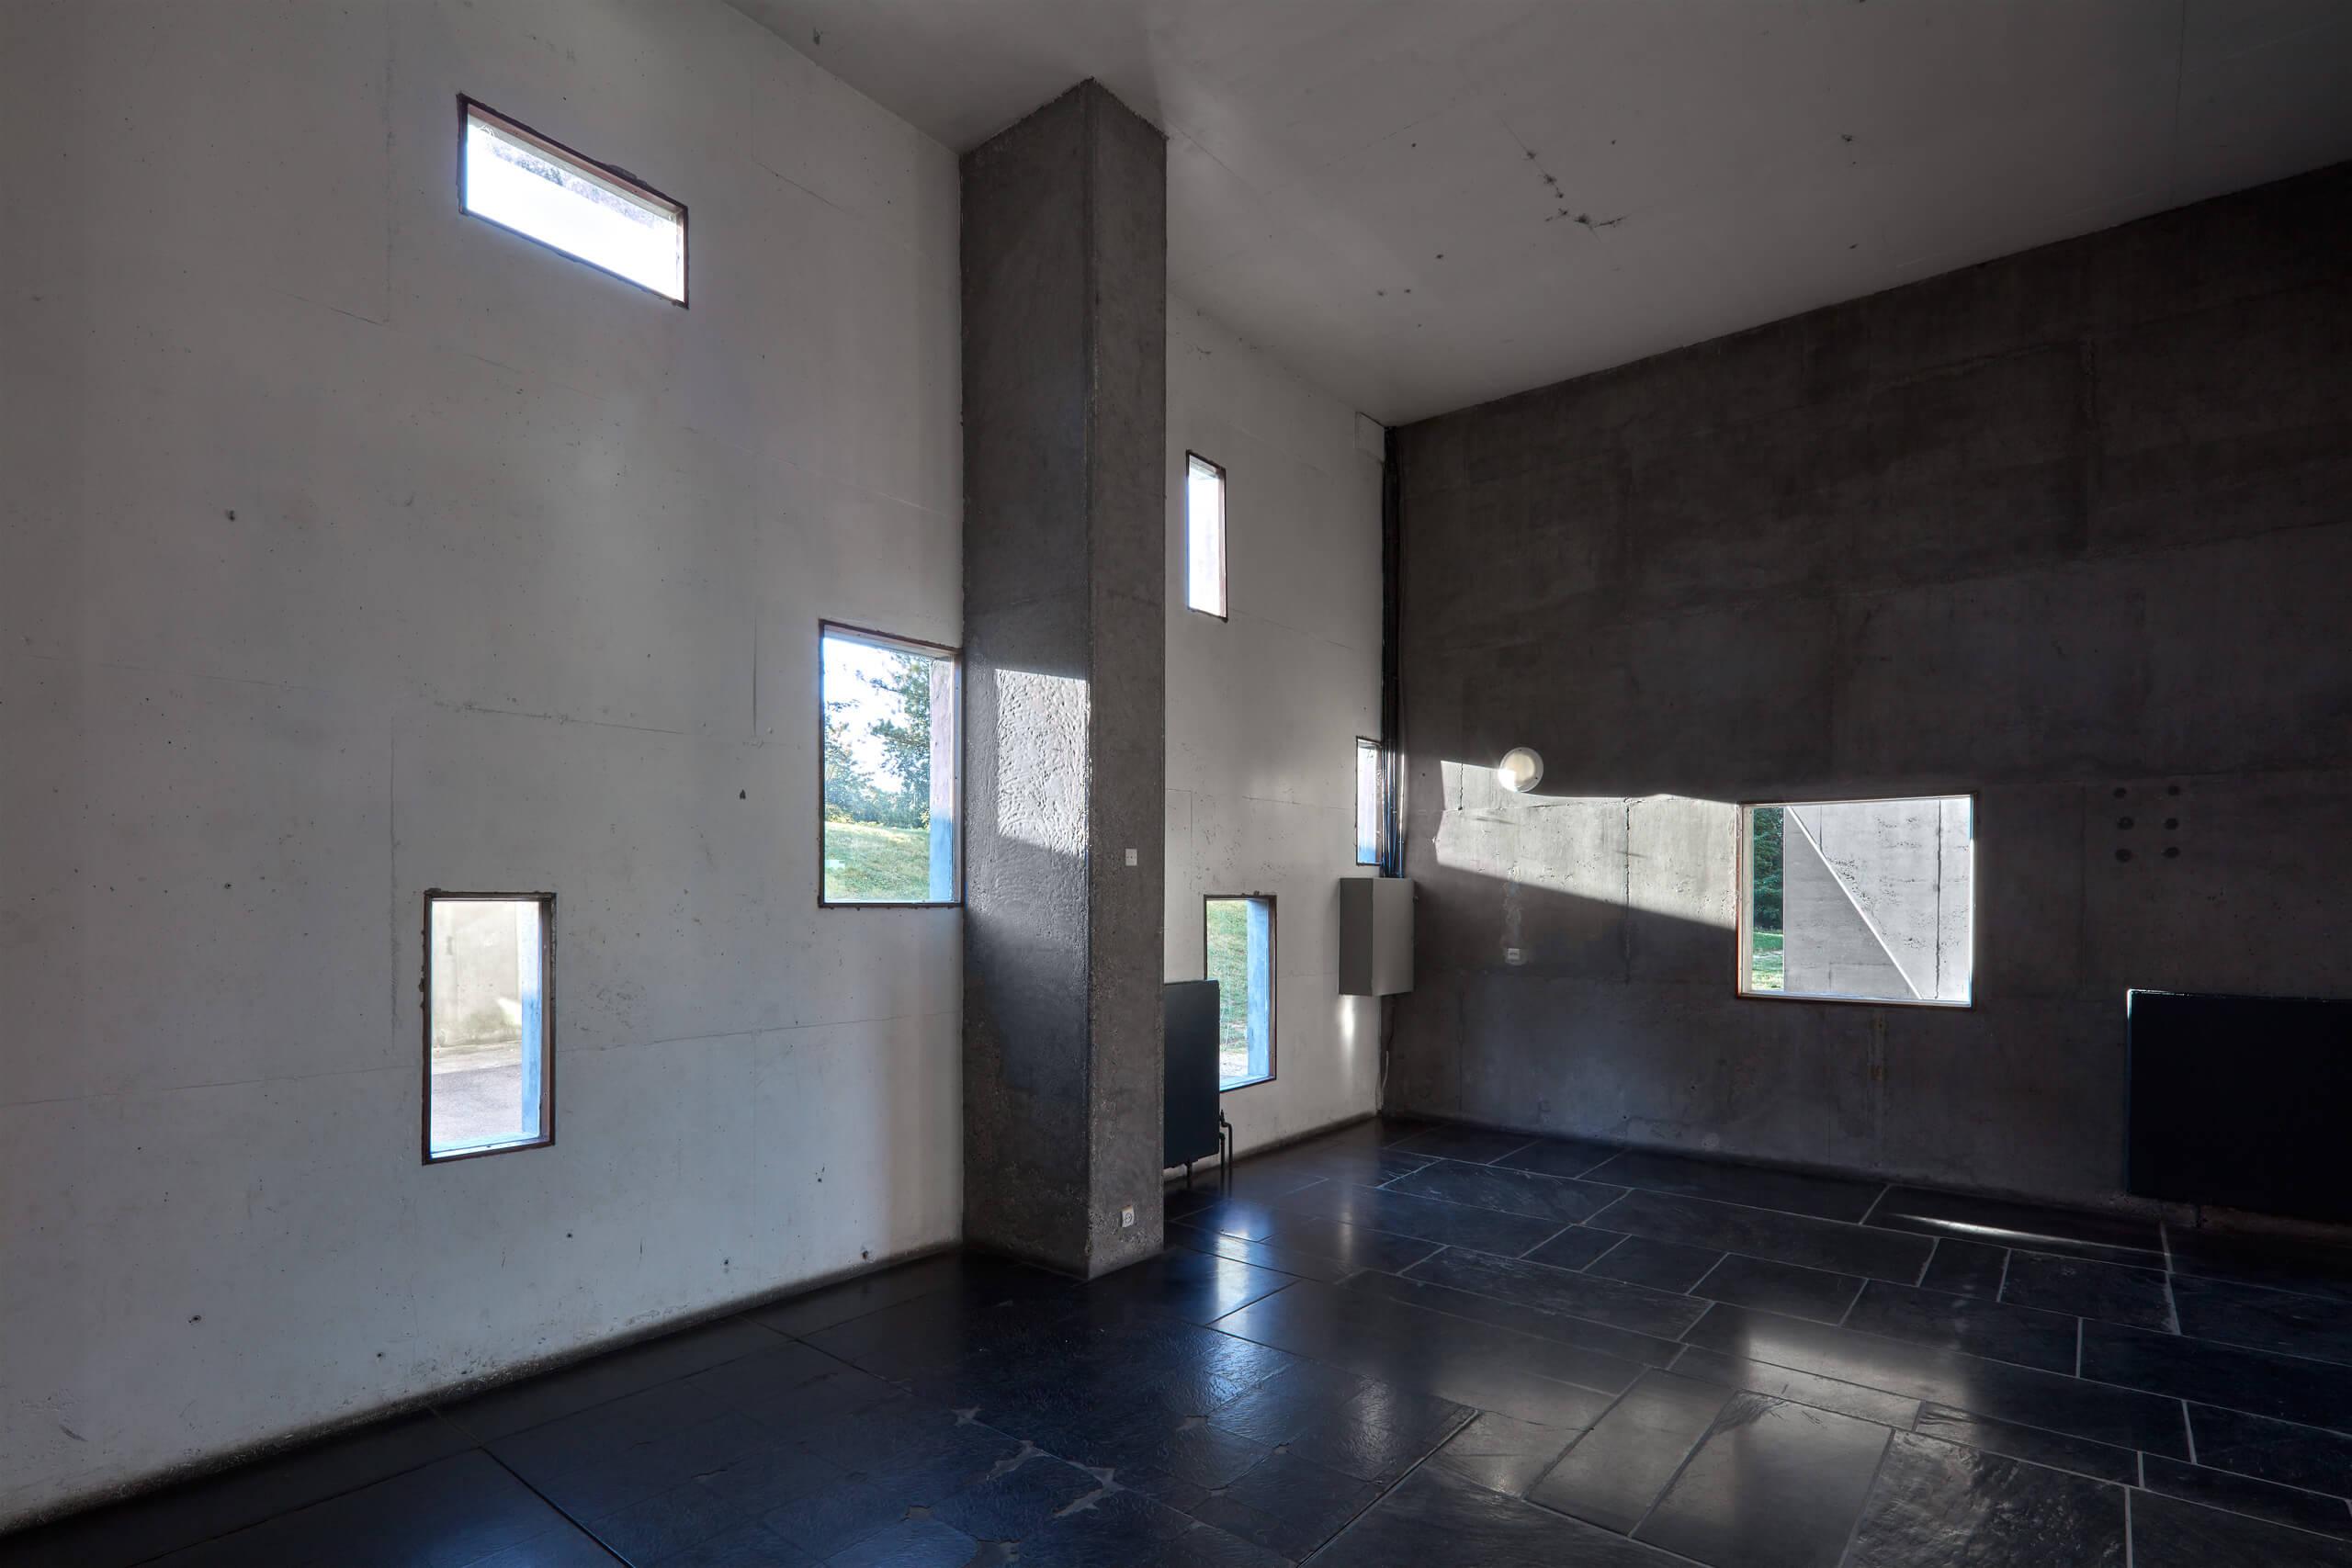 Federico_Covre_Unité_Firminy_Le_Corbusier_2018_24